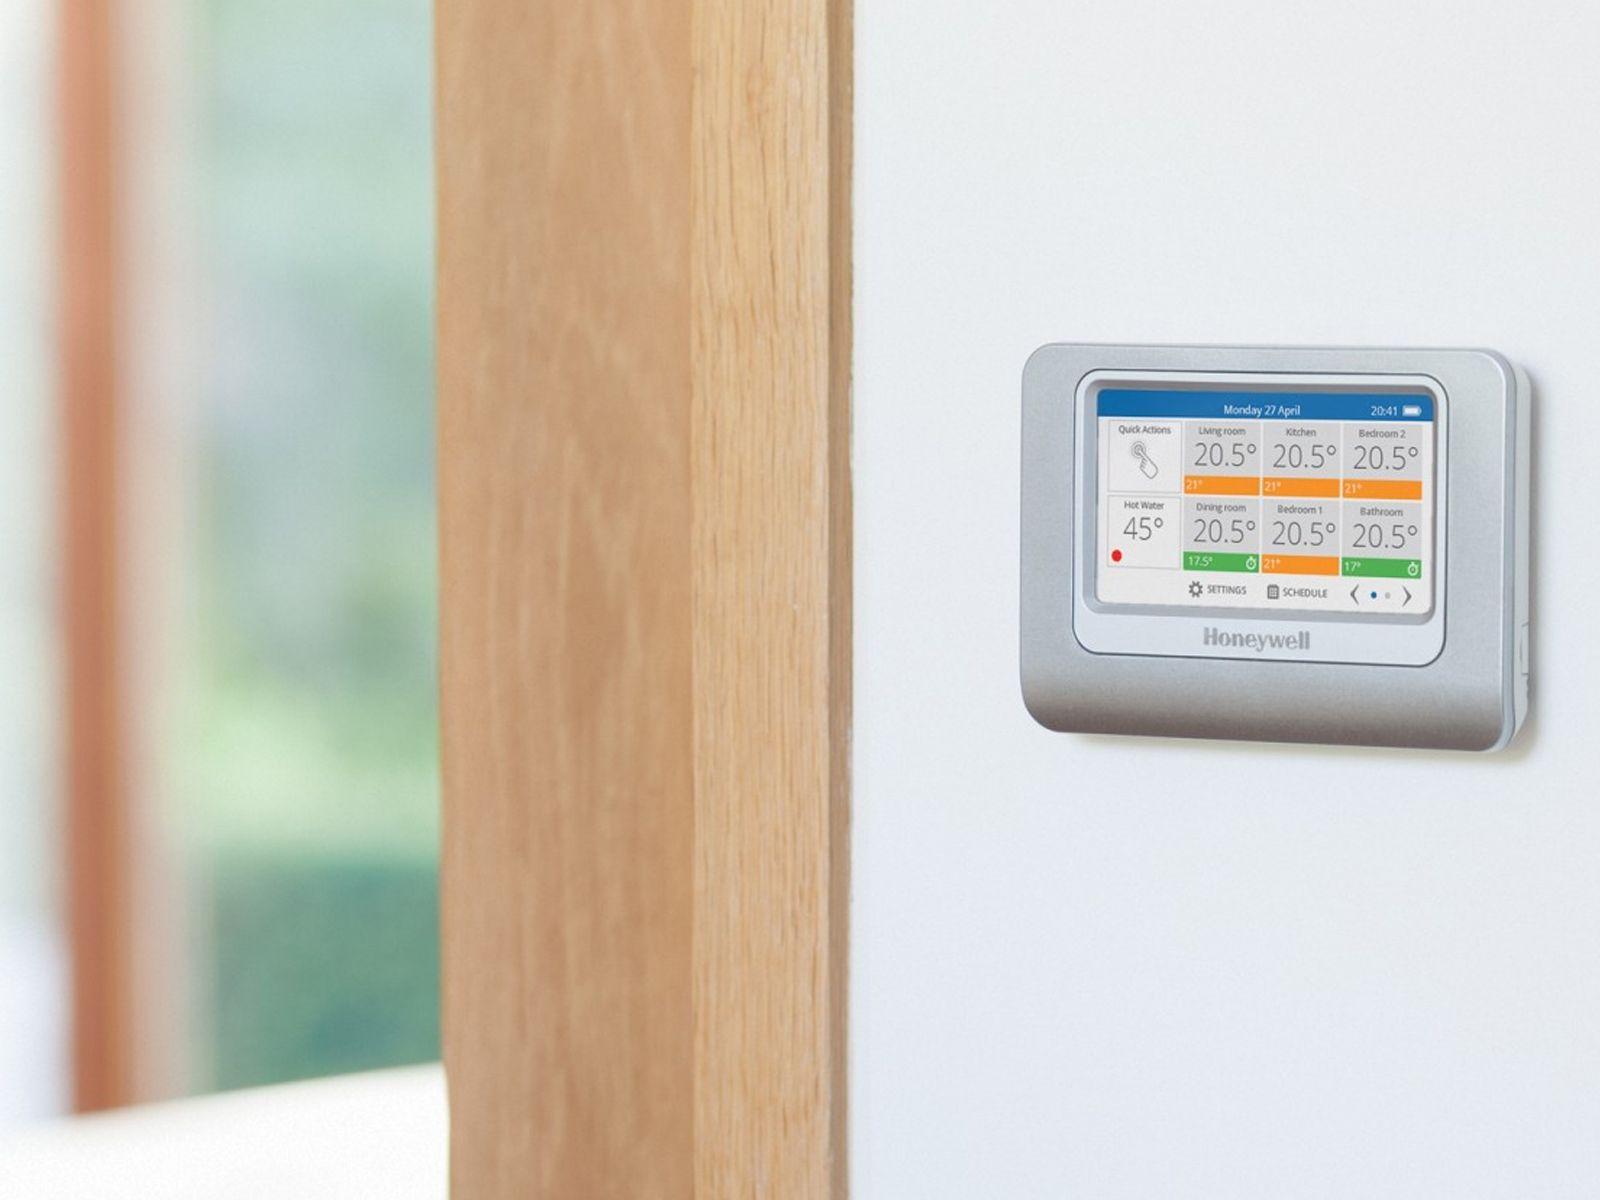 Honeywell Badkamer Verwarming : Besparen op verwarming met slimme thermostaat evohome